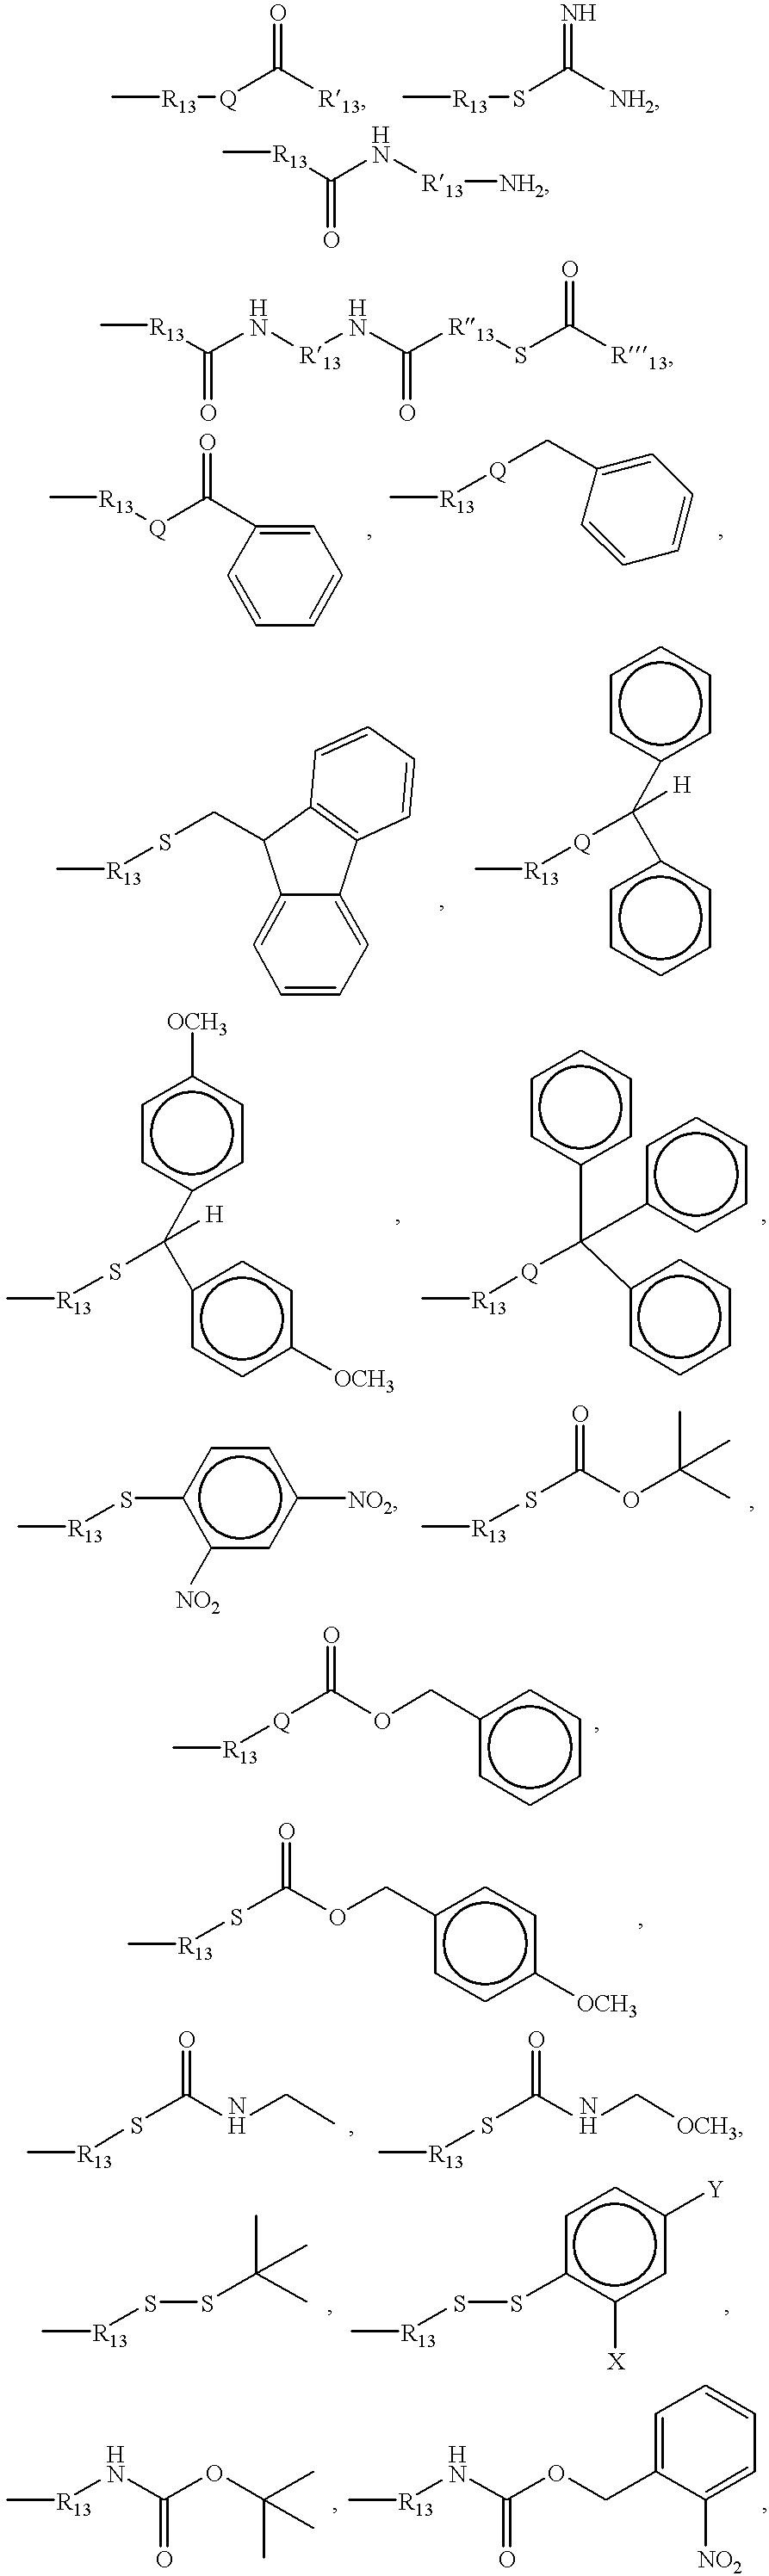 Figure US06204389-20010320-C00007